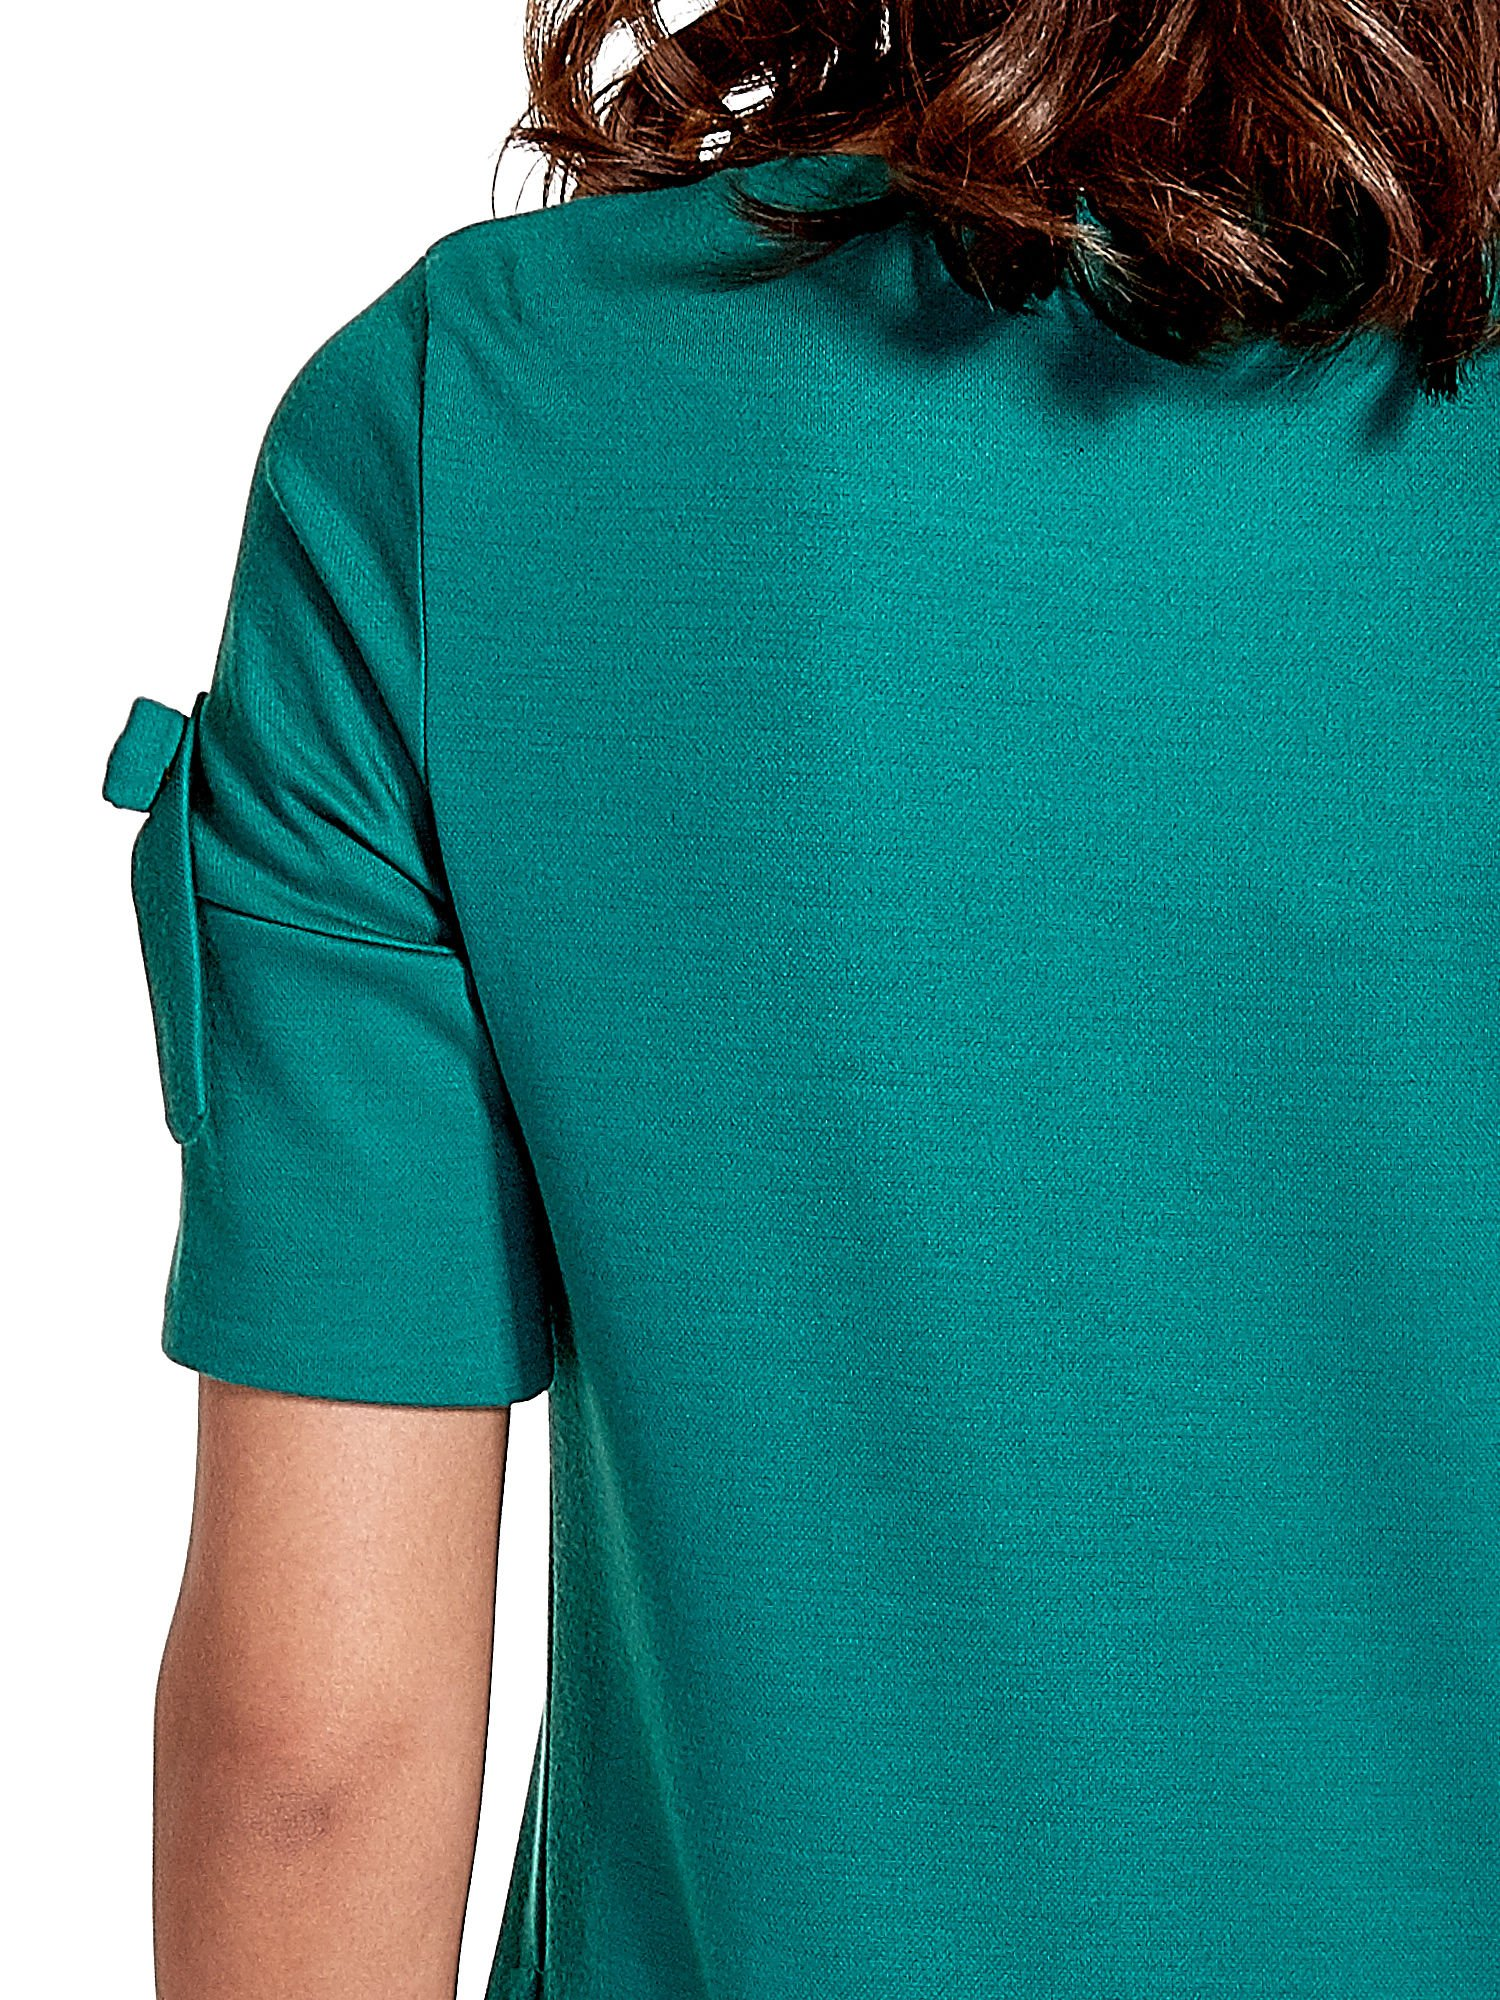 Zielona sukienka z kokardkami                                  zdj.                                  7